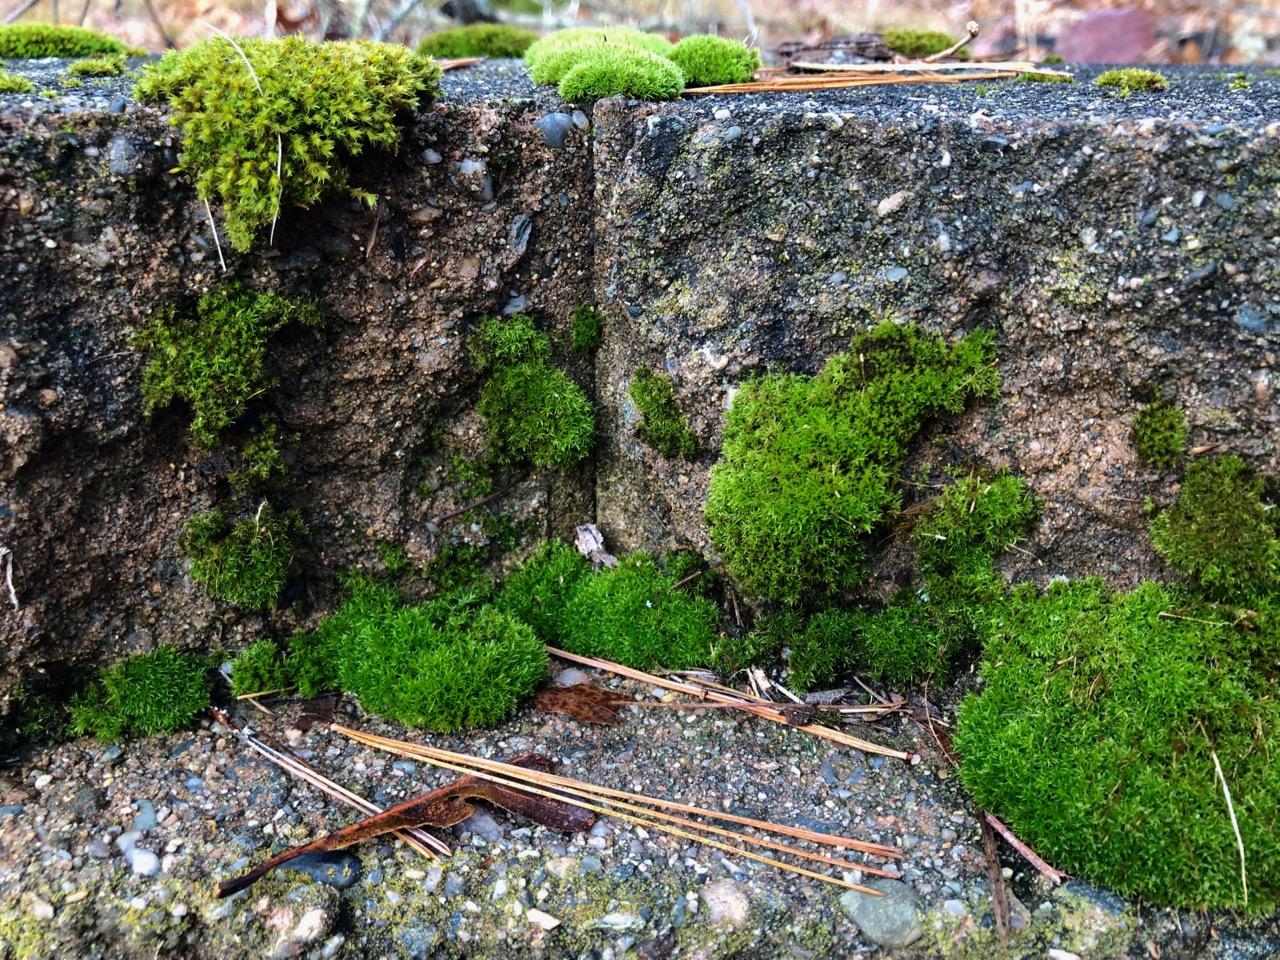 cliff-garden-moss